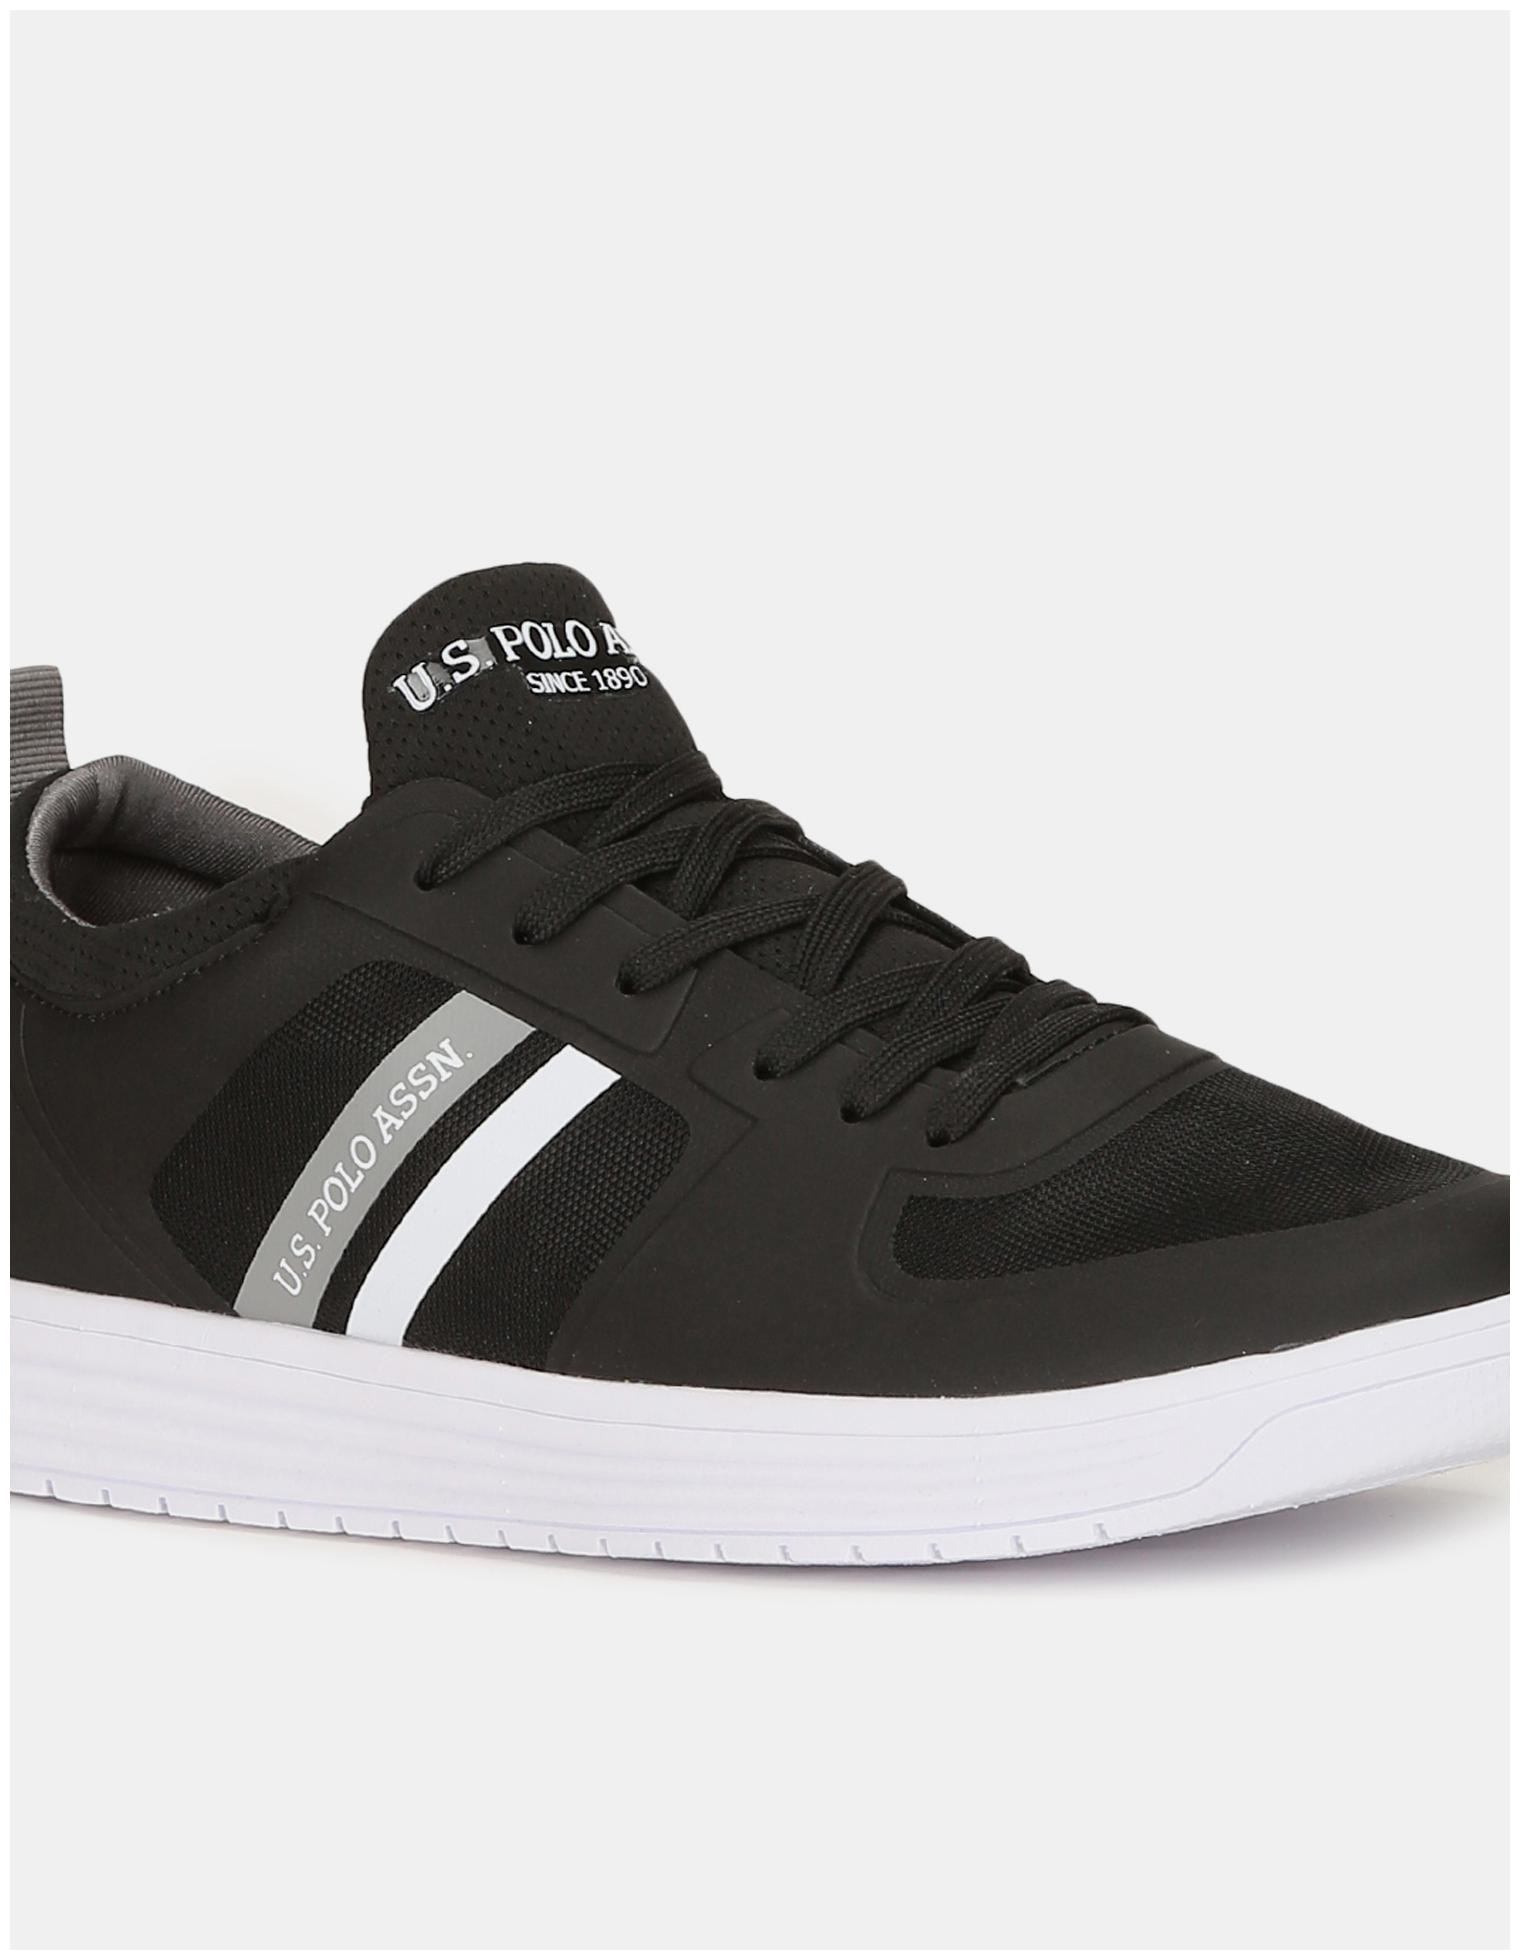 miniature 4 - US Polo Assn. Panneau en maille noire ronde Slip-On Sneakers Toe-nQS